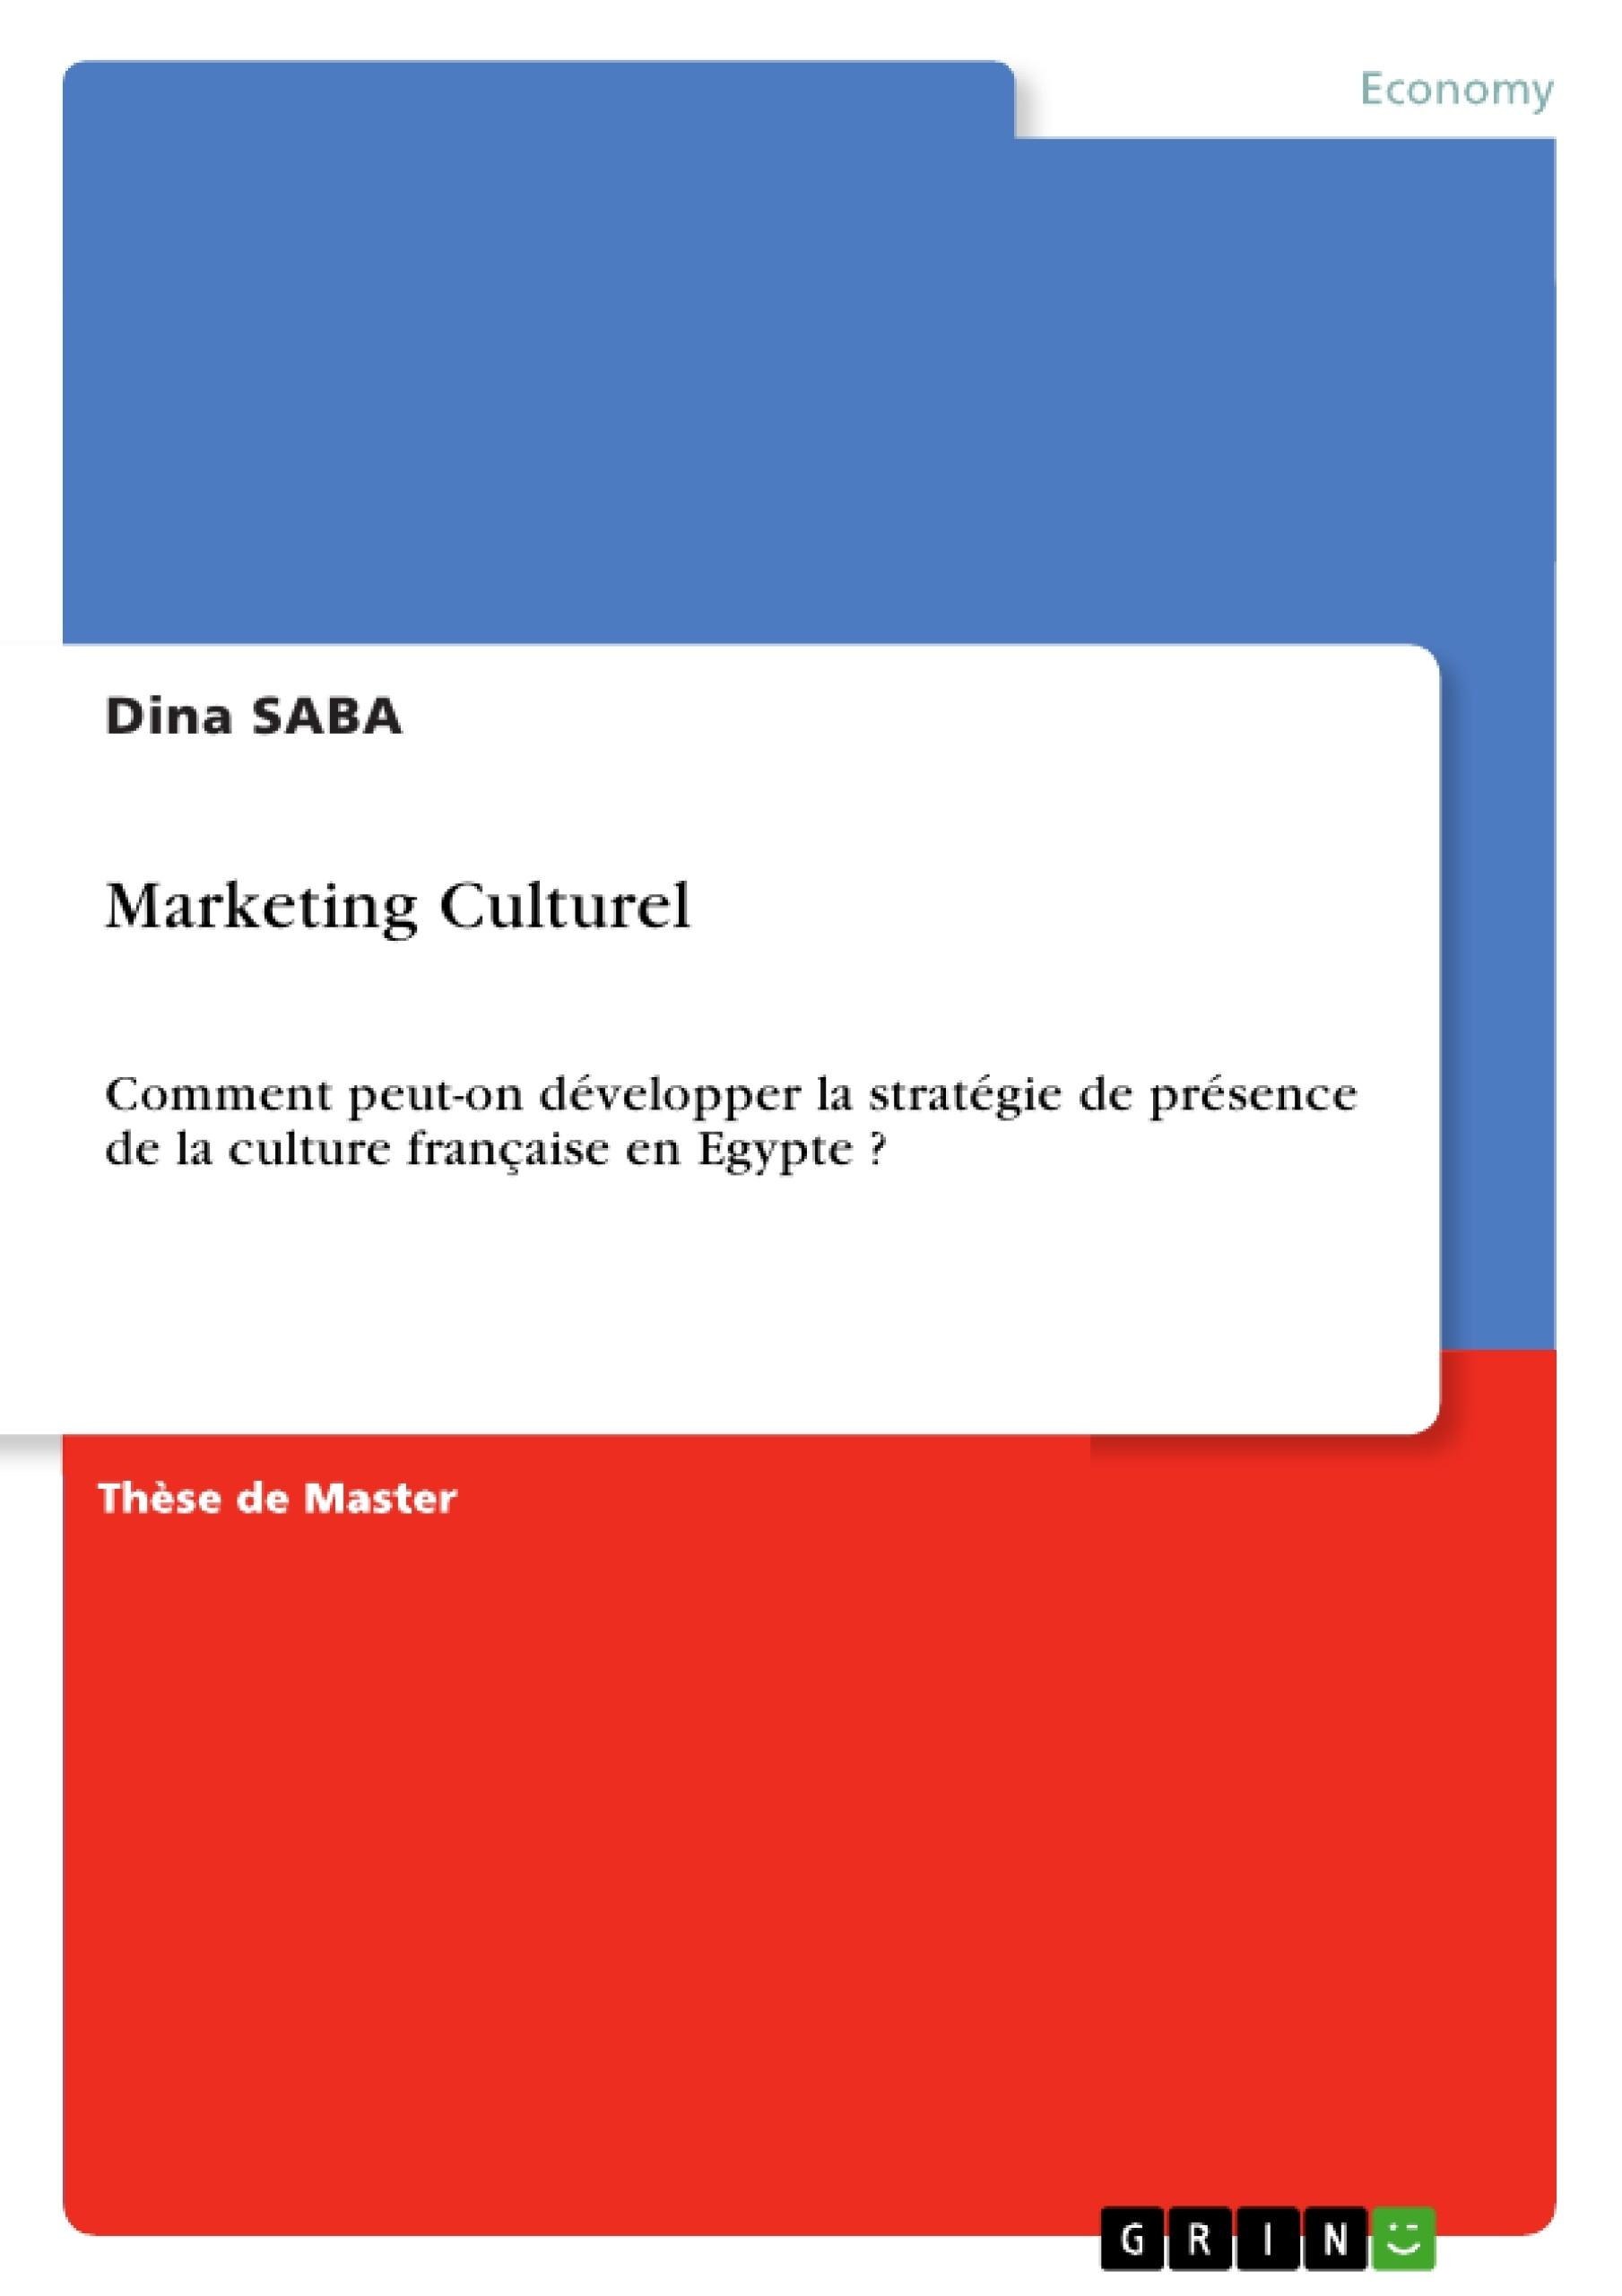 Titre: Marketing Culturel. Comment peut-on développer la stratégie de présence de la culture française en Egypte?